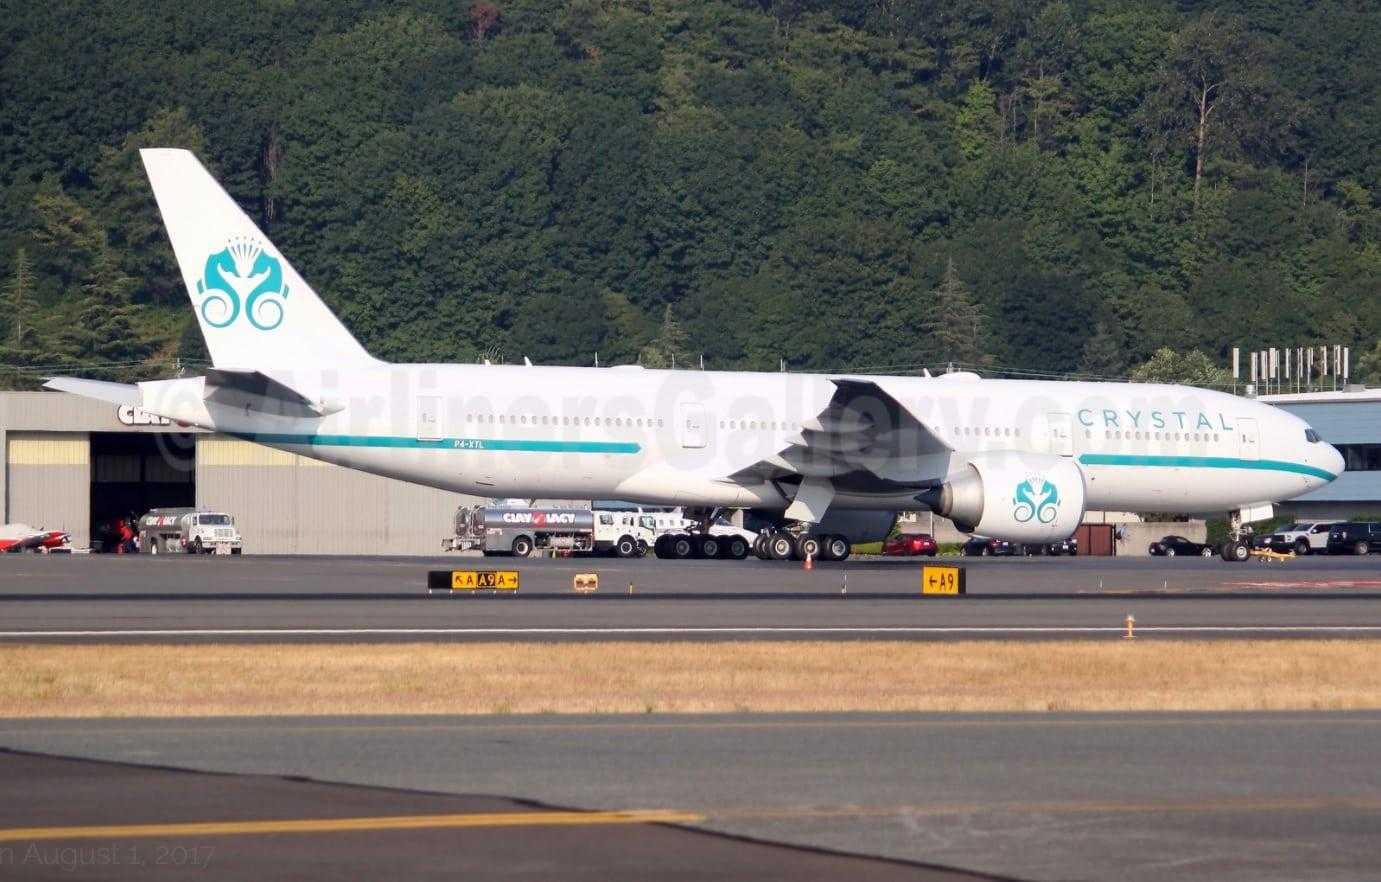 Crystal-Skye-Boeing-777 200-2LR